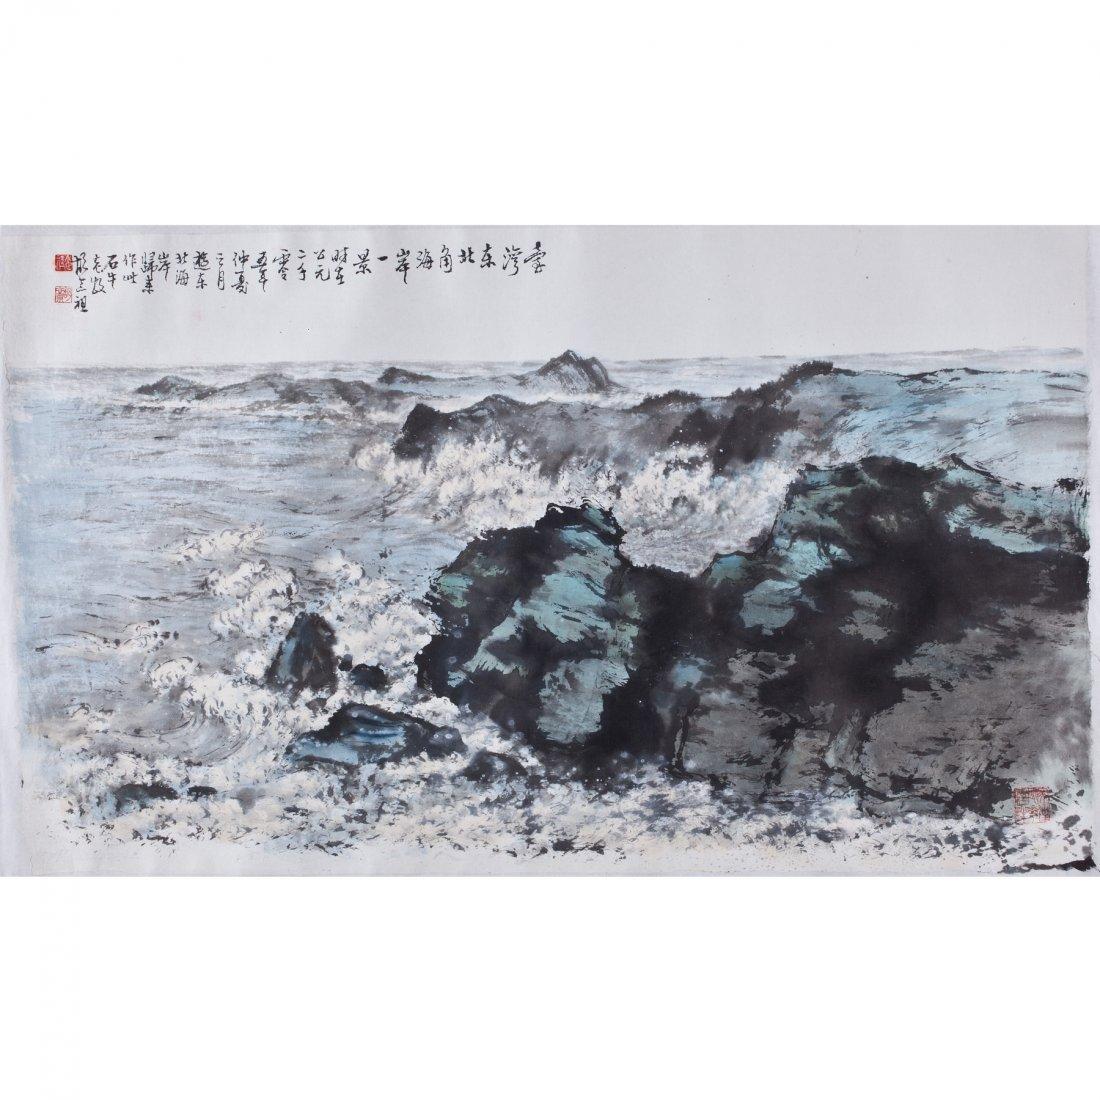 NORTHEASTERN CORNER OF TAIWAN BY HU NIANZU (1927- )